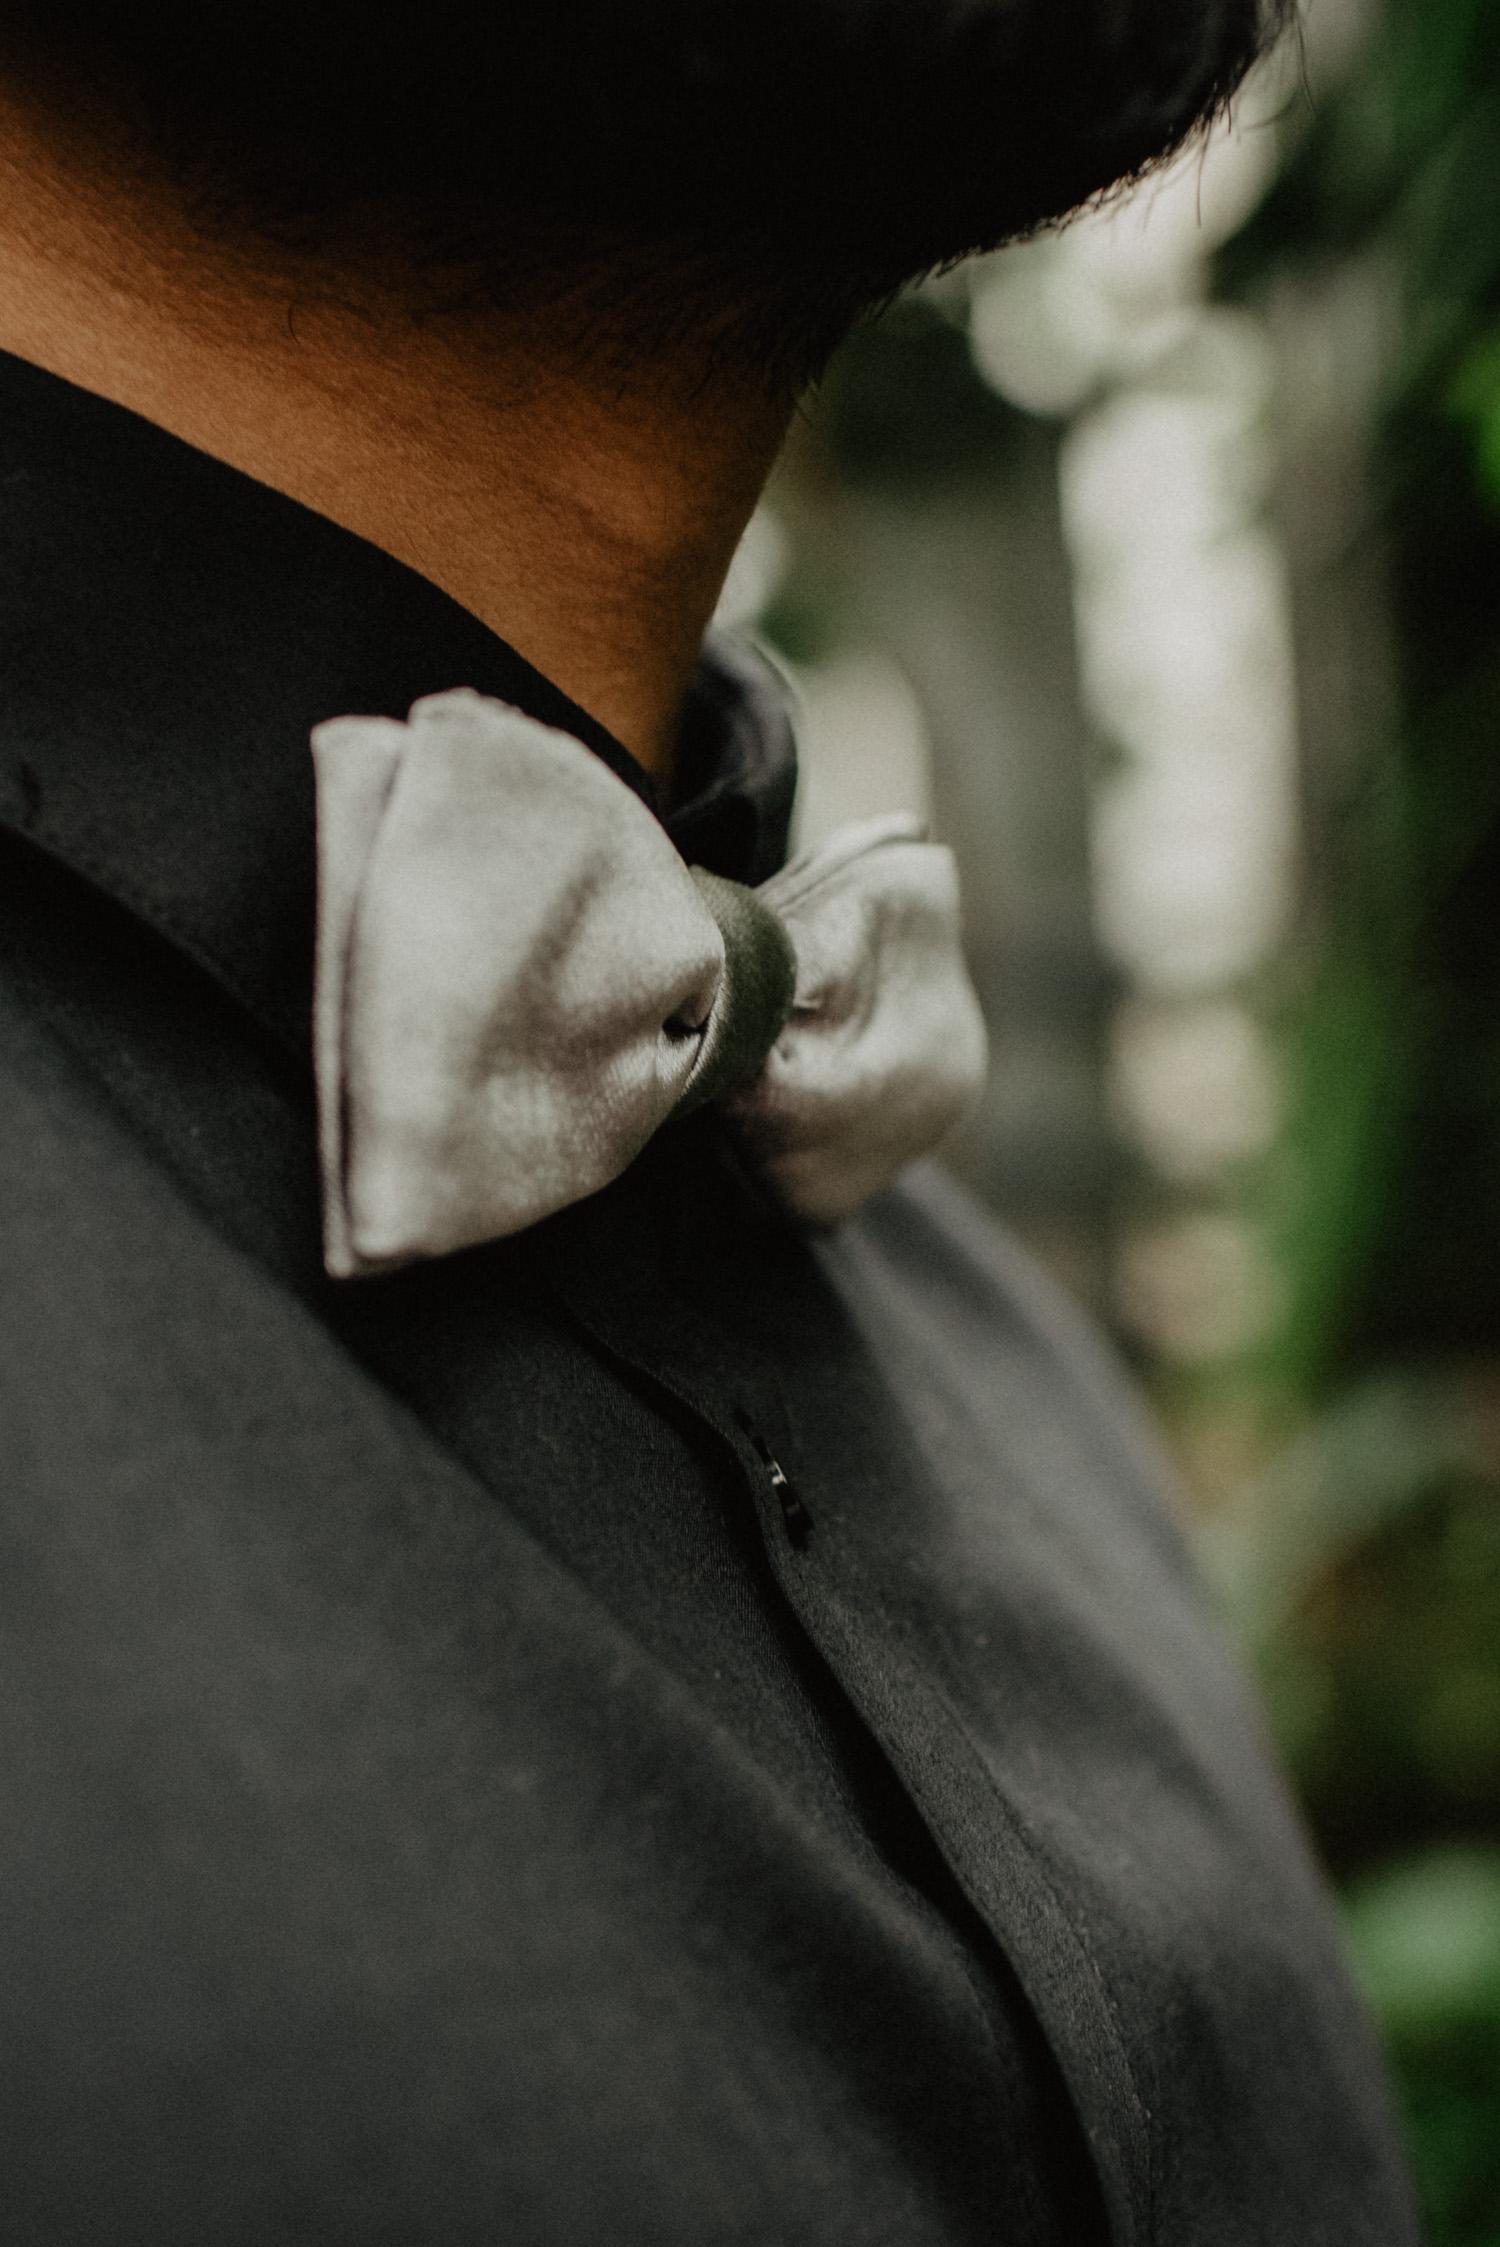 Detailfoto des Bräutigams. Es ist ein schwarzes Hemd mit einer grauen Fliege zu sehen.